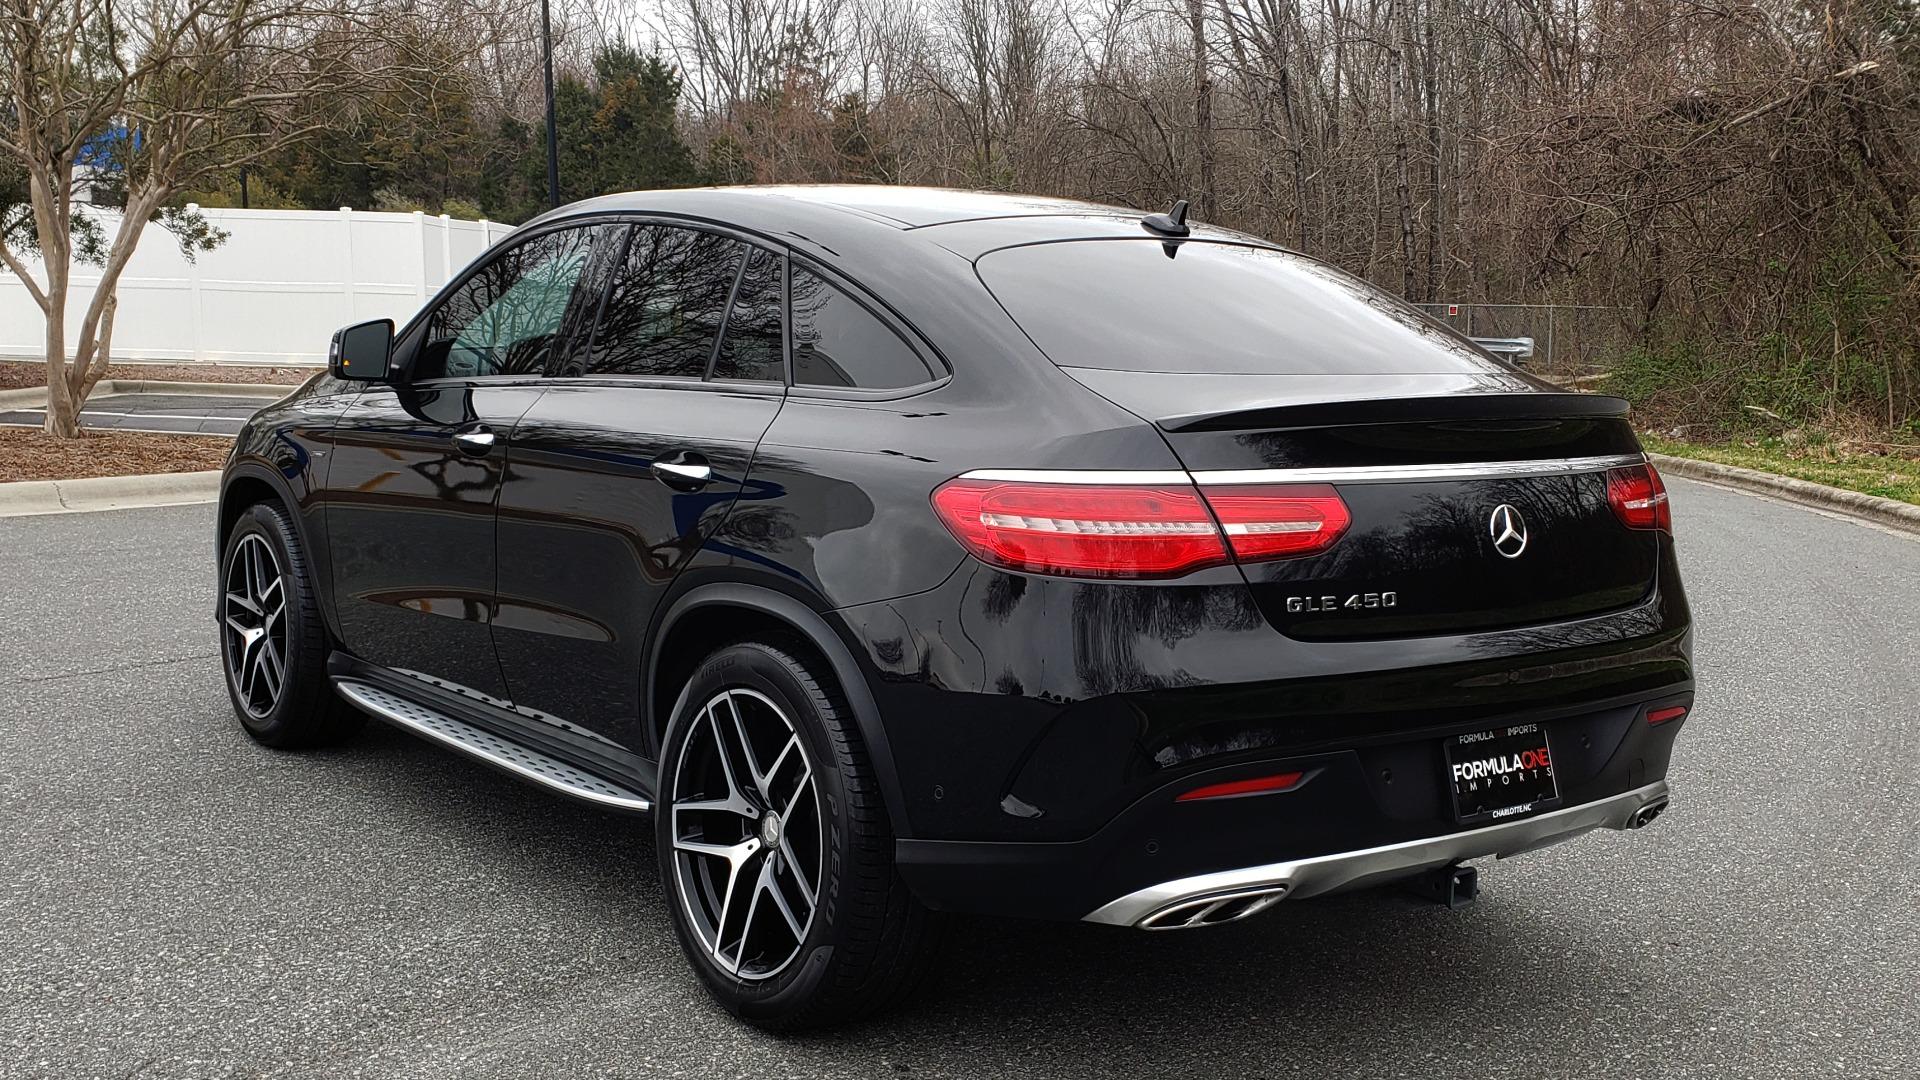 Used 2016 Mercedes-Benz GLE 450 AMG / AWD / PREM PKG / PARK ASST / DRVR ASST / SUNROOF for sale Sold at Formula Imports in Charlotte NC 28227 4